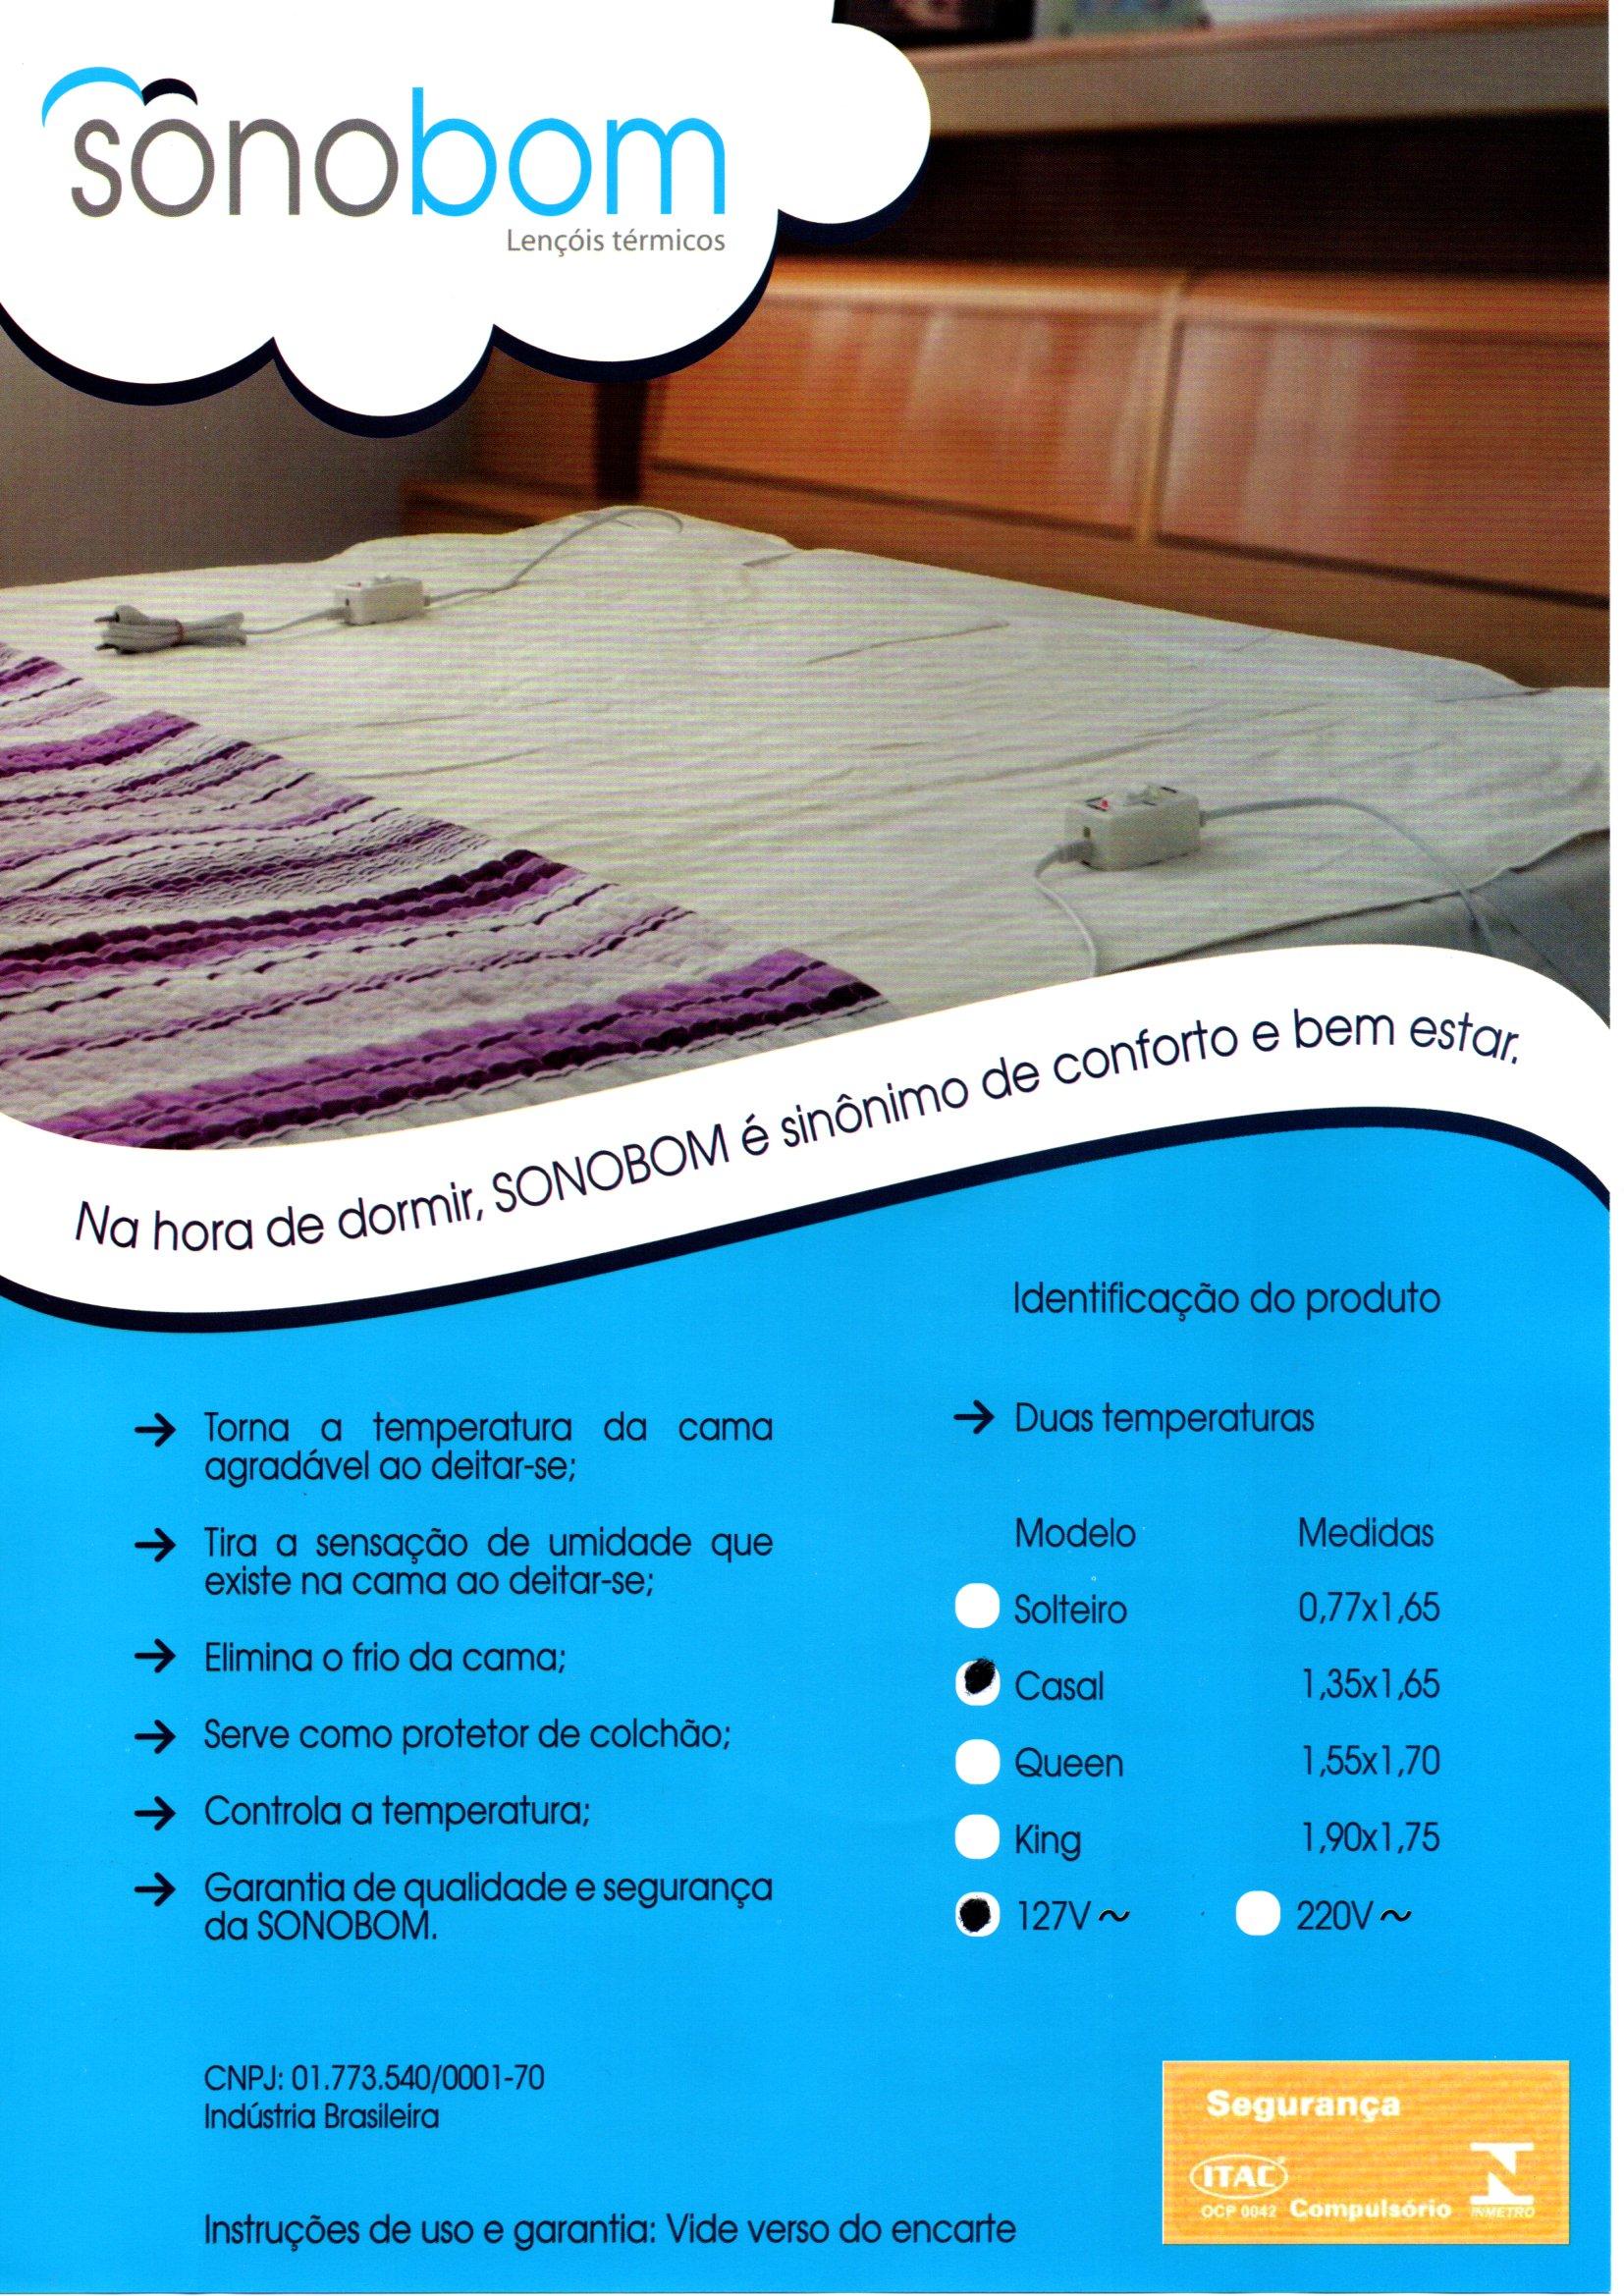 Polisani Materiais Médicos - LENCOL TERMICO SOLT 0,70X1,50 220V SONOBOM